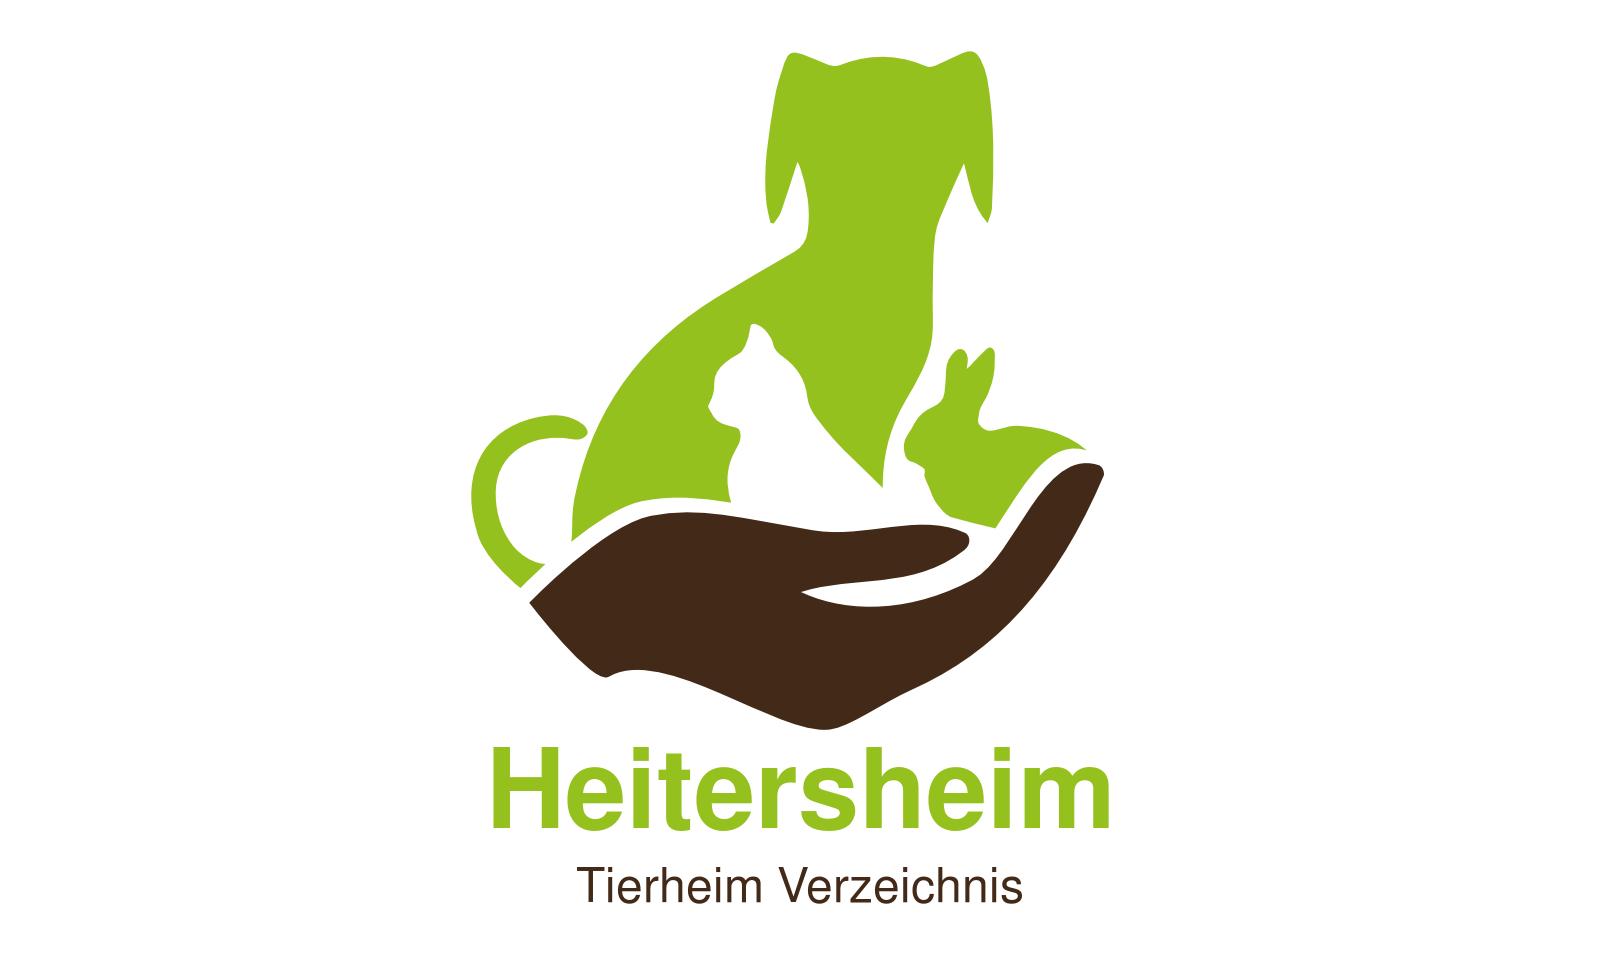 Tierheim Heitersheim